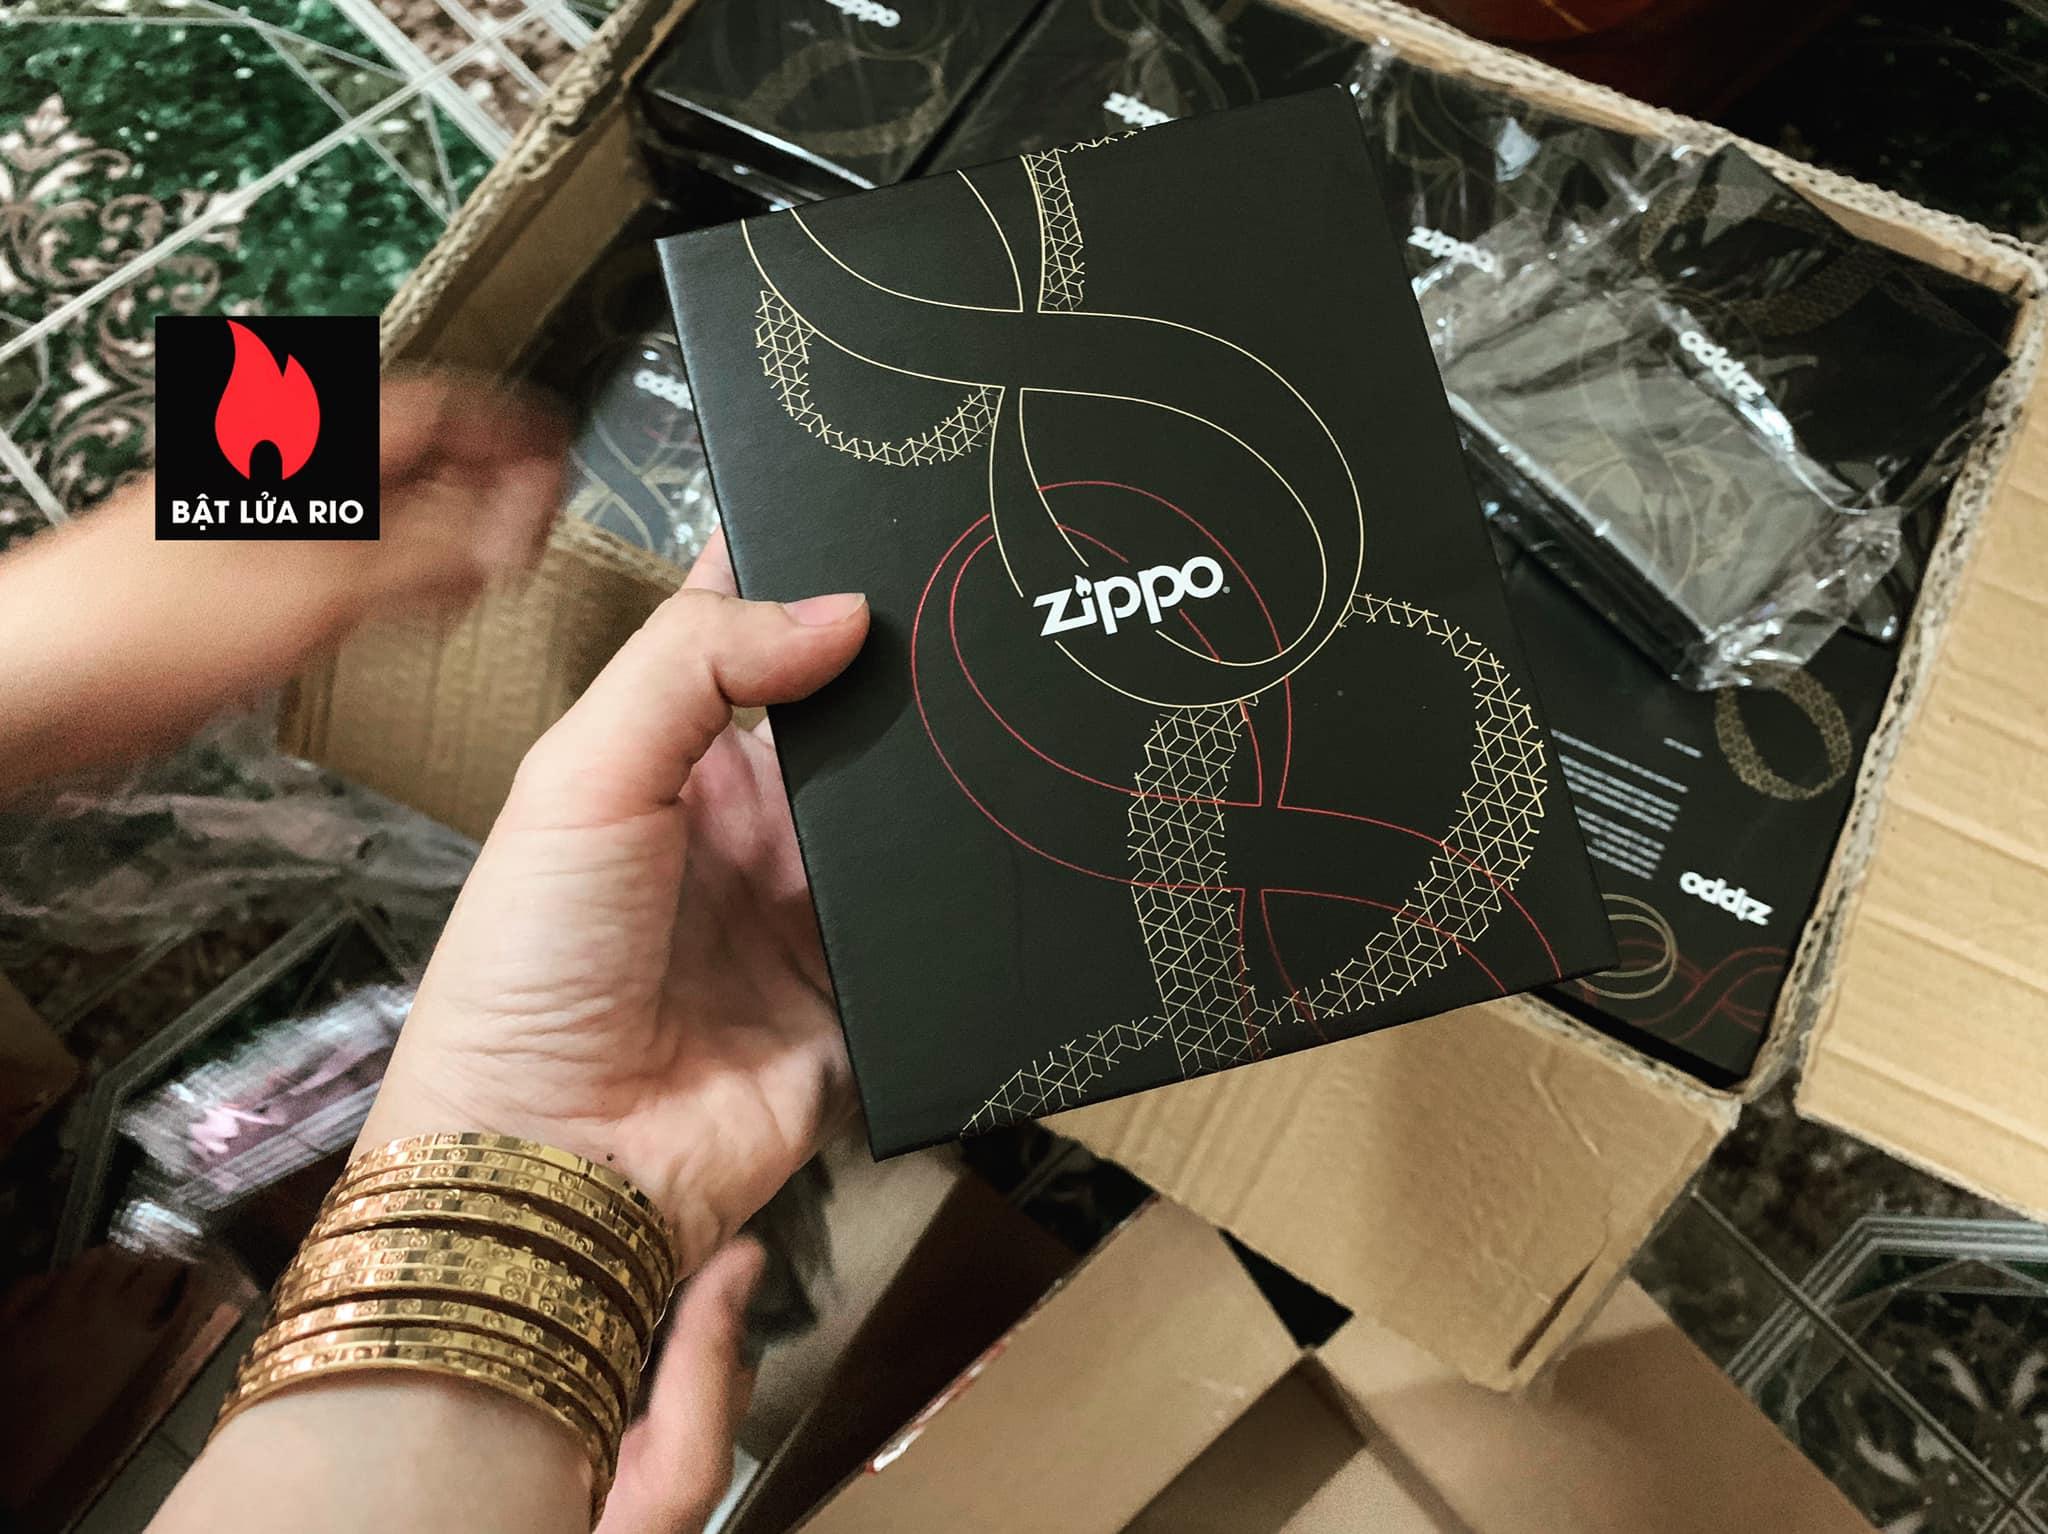 Zippo Edition Box Set 88Th Anniversary Asia Limited - Zippo Phiên Bản Giới Hạn Kỷ Niệm 88 Năm Ra Đời Bật Lửa Zippo - Zippo ZA-2-147C 41